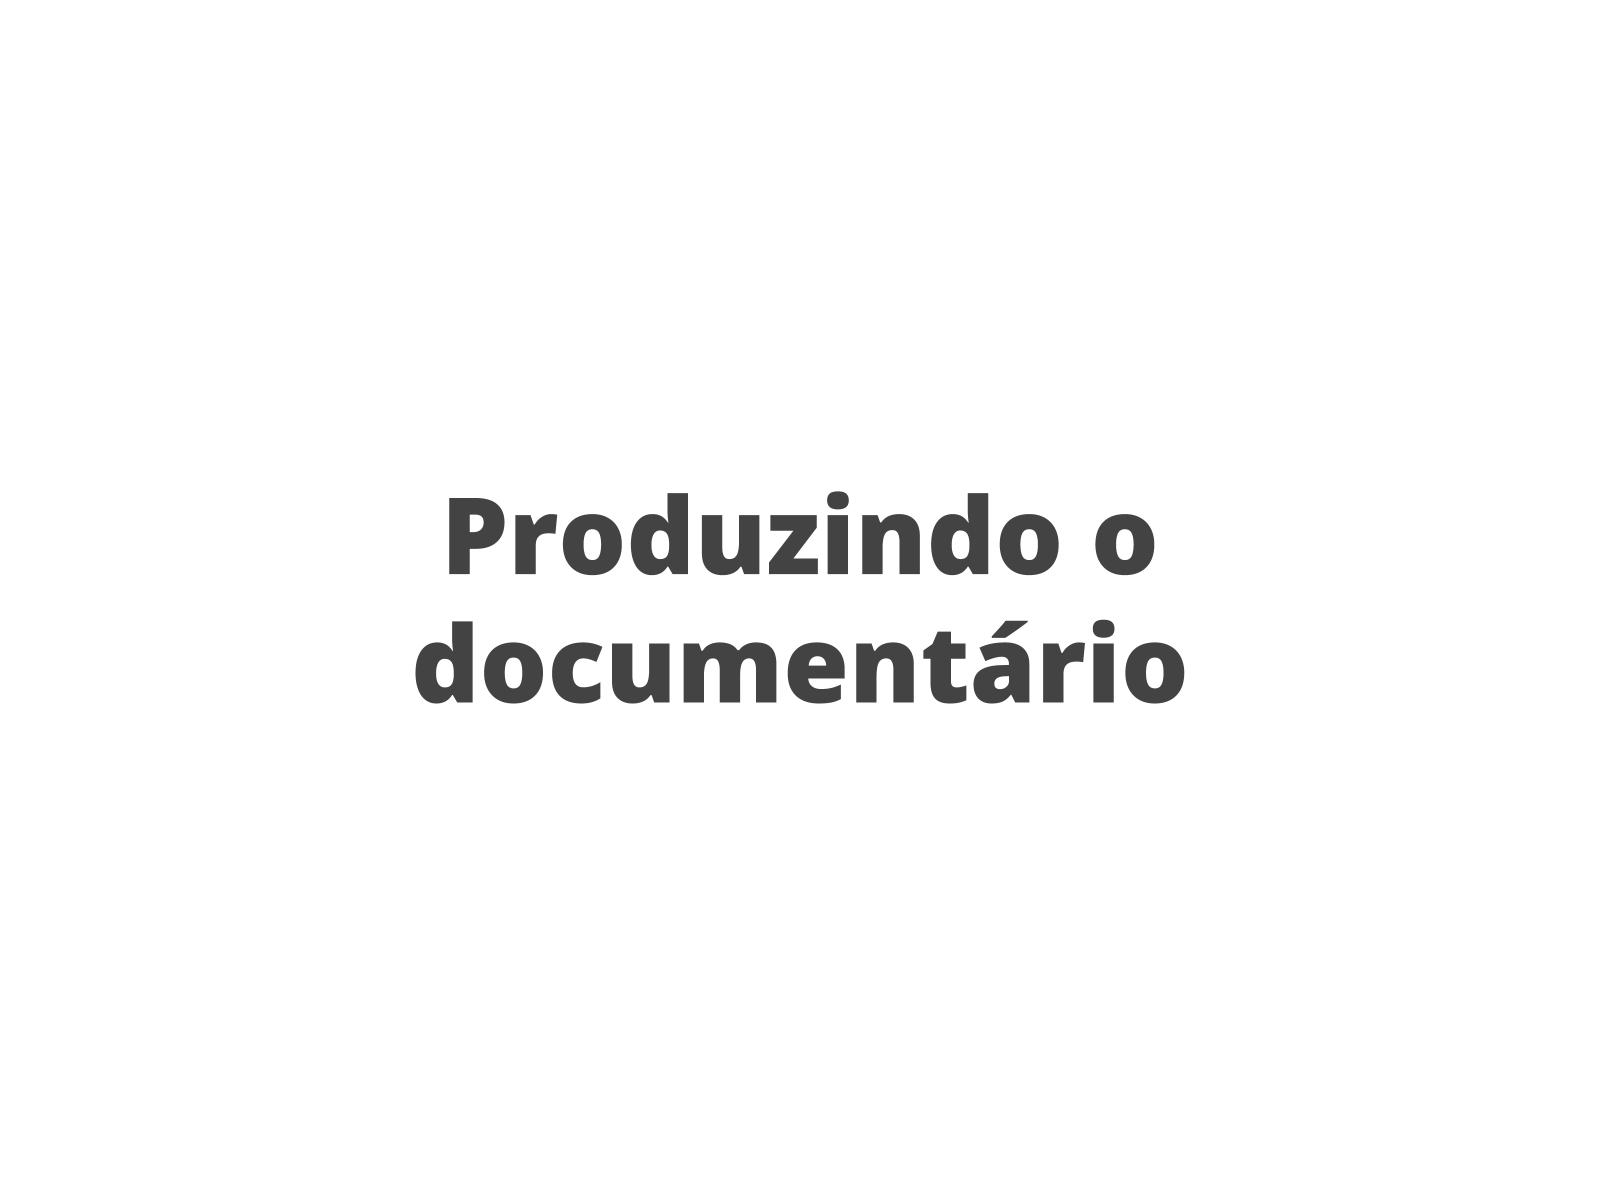 Produzindo o documentário